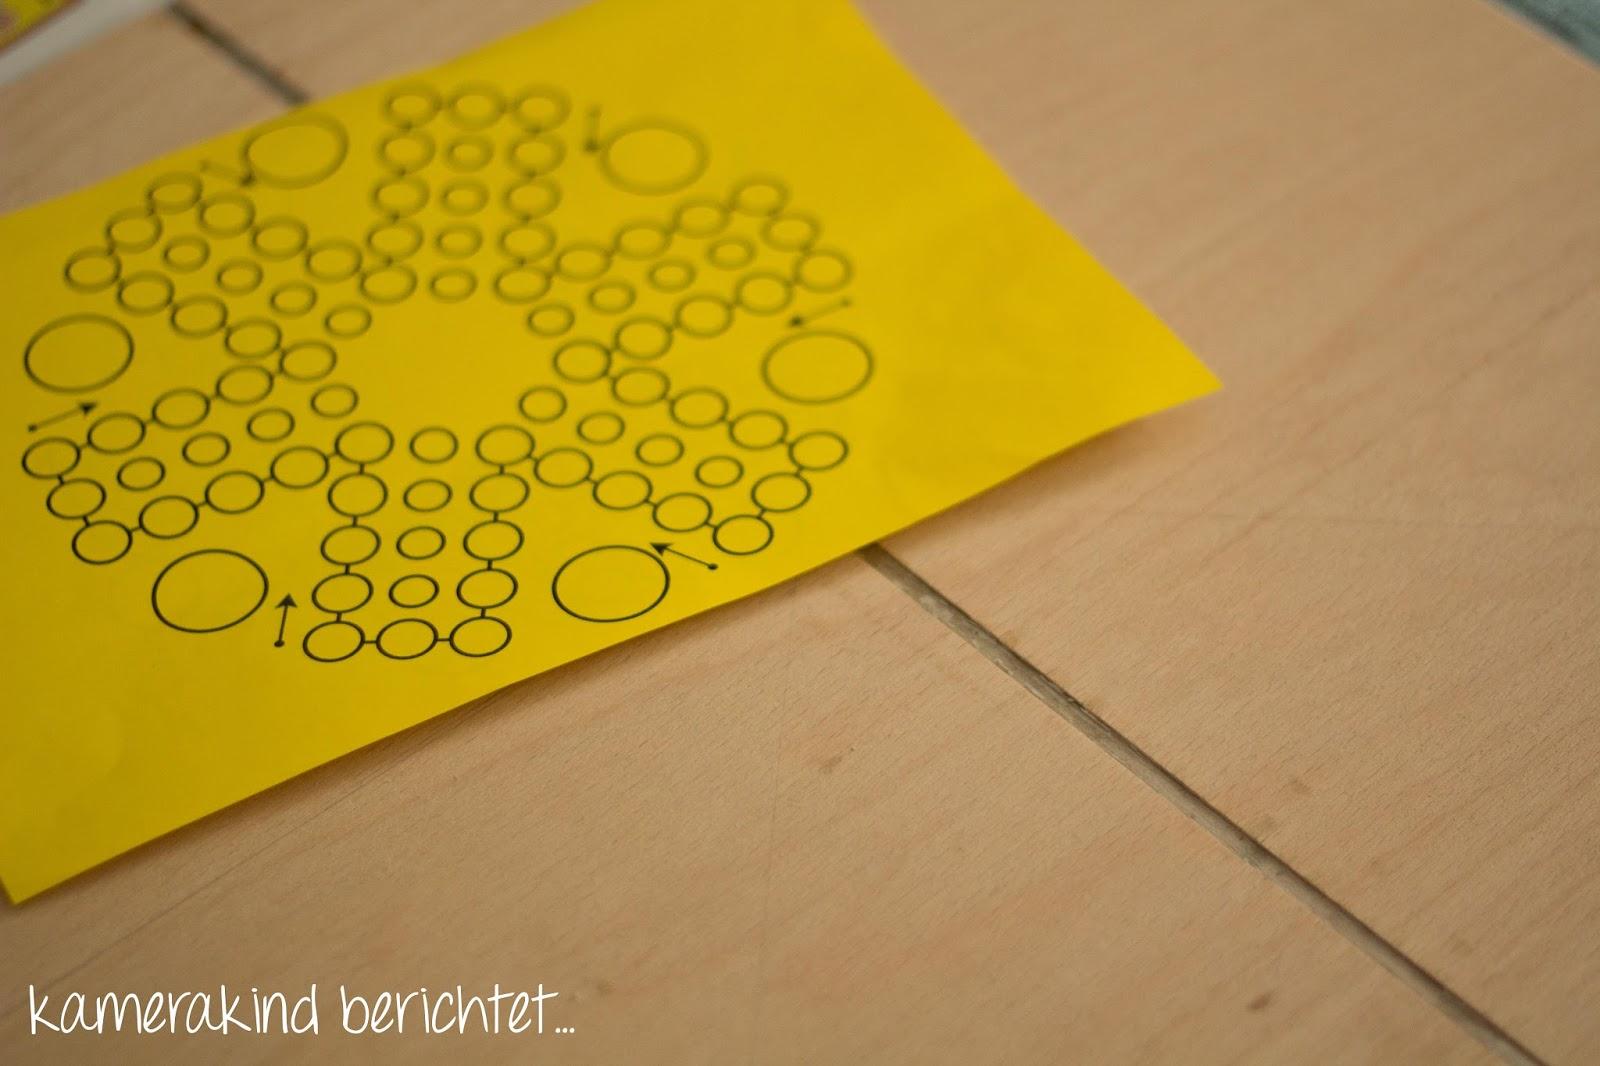 Spielvorlage mit Bleistift auf das Spielbrett übertragen